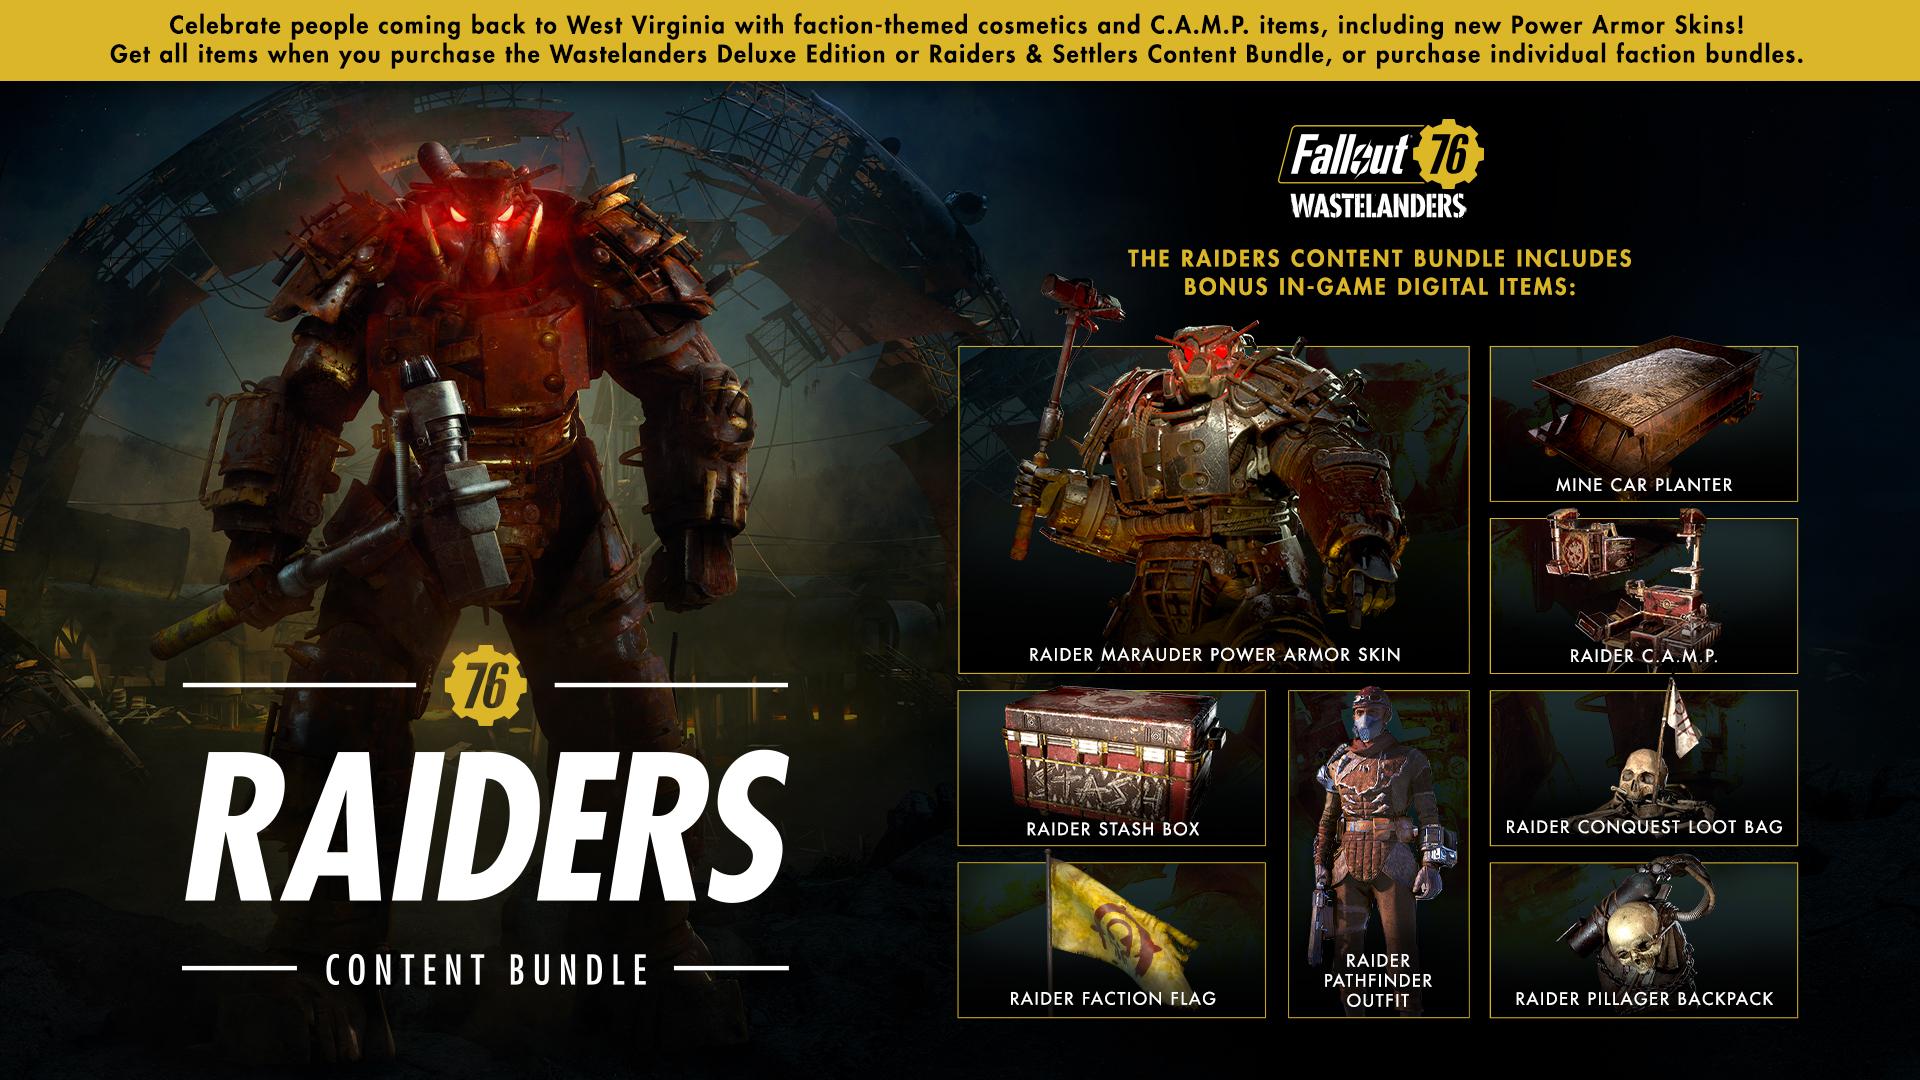 Fallout76 EN RaidersBundle